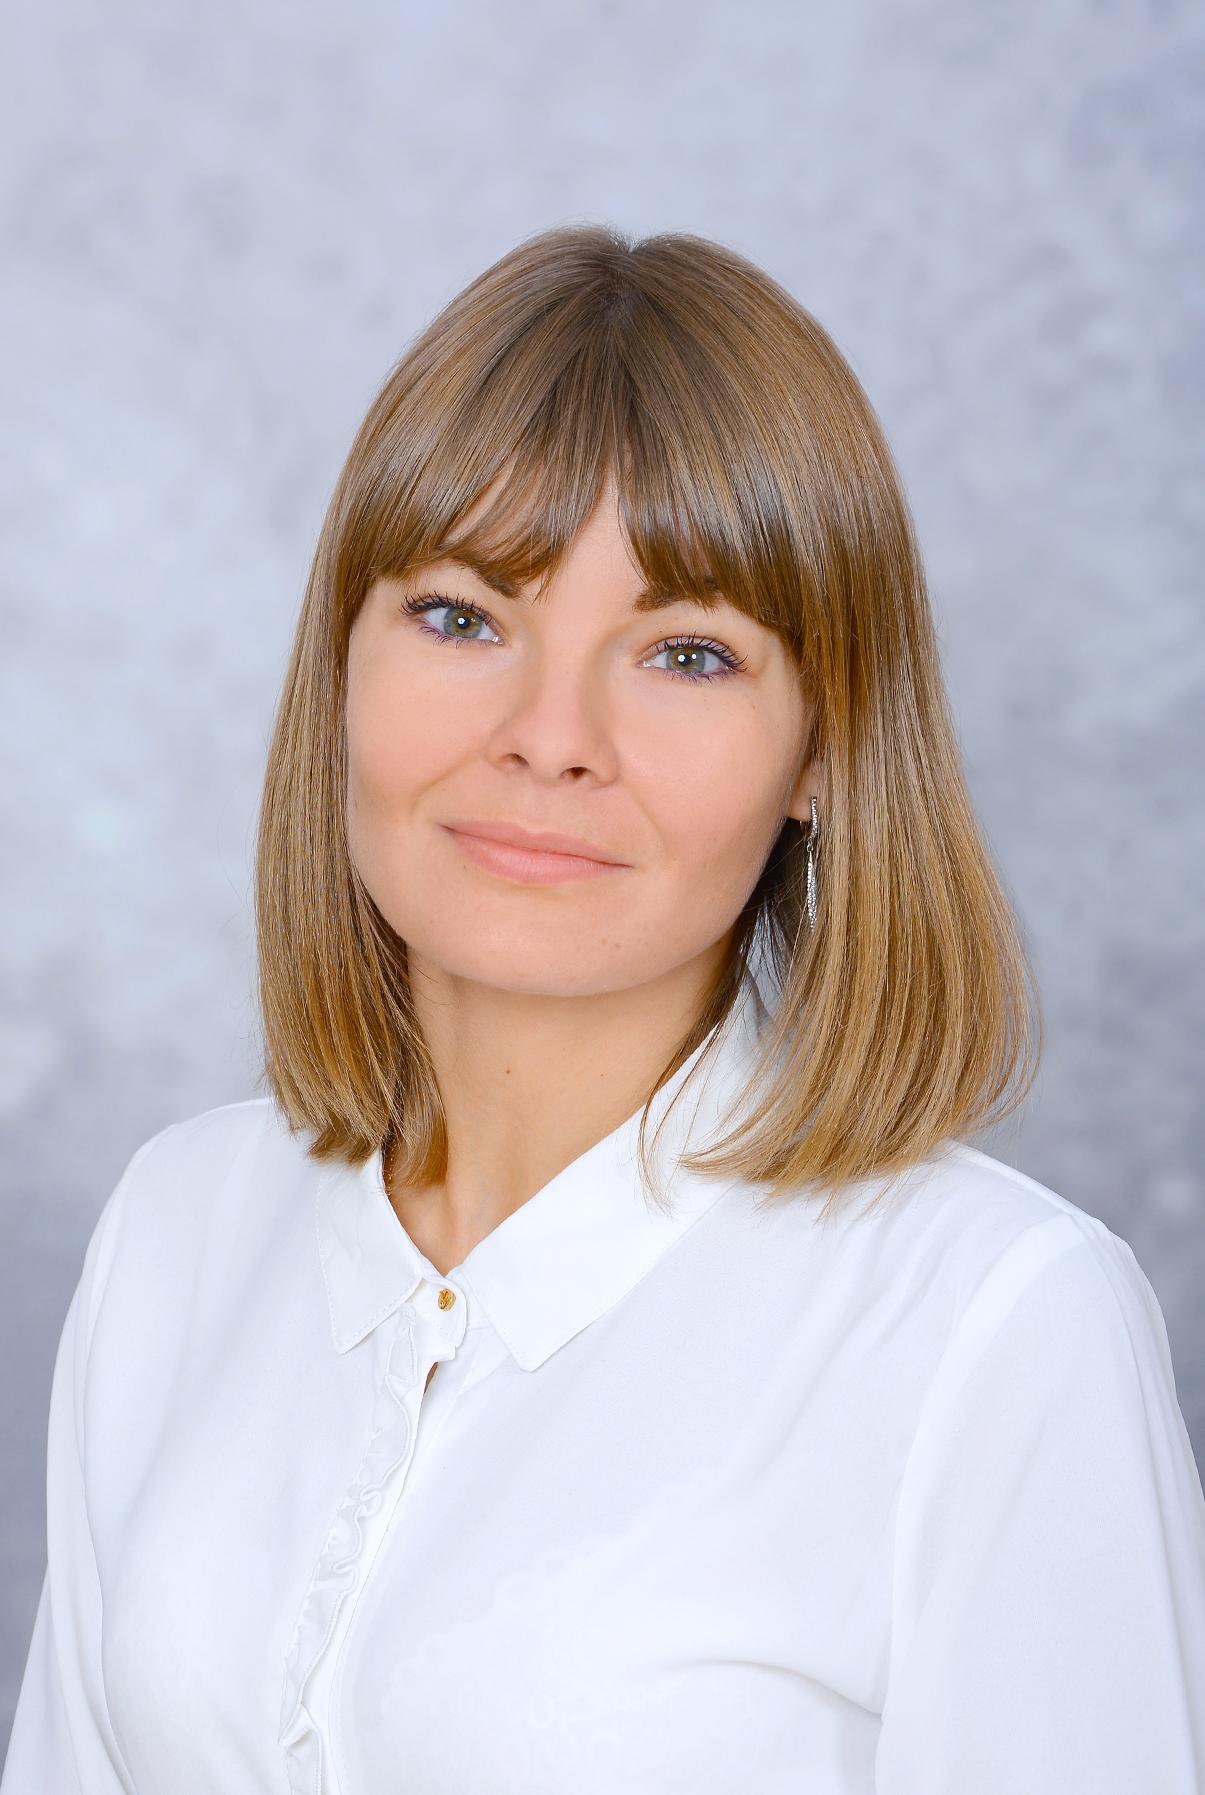 Учитель начальных классов, Лунчук Екатерина Витальевна